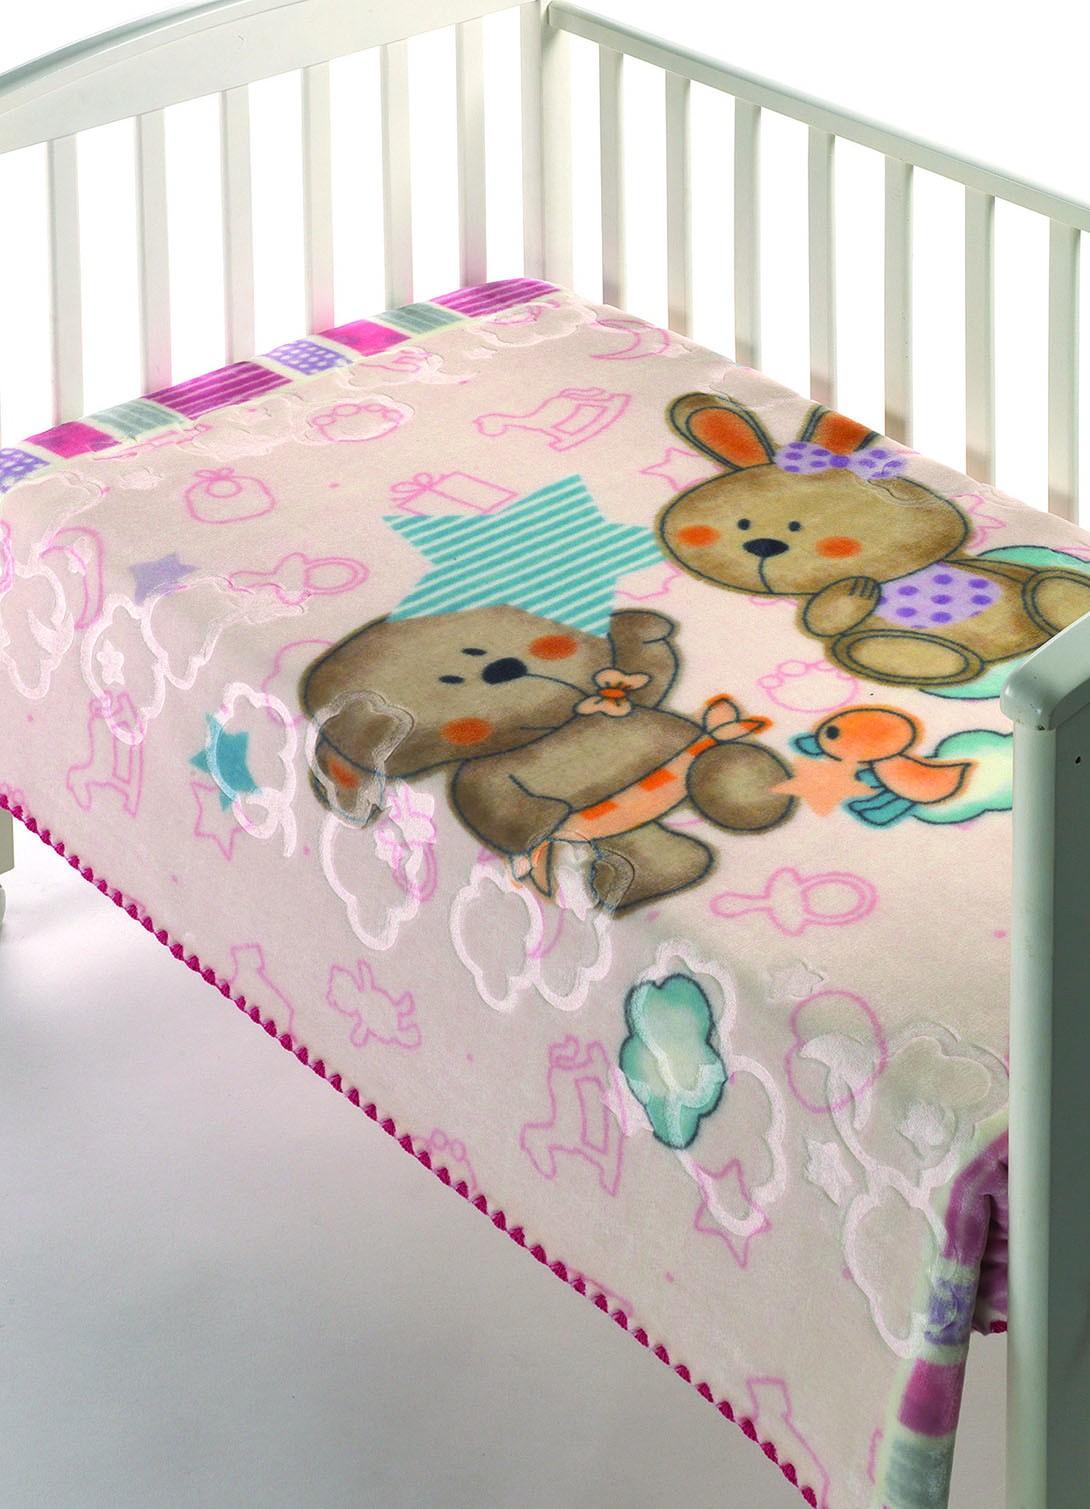 Κουβέρτα Βελουτέ Κούνιας Morven Luxury Plus 275 Ροζ home   βρεφικά   κουβέρτες βρεφικές   κουβέρτες βελουτέ